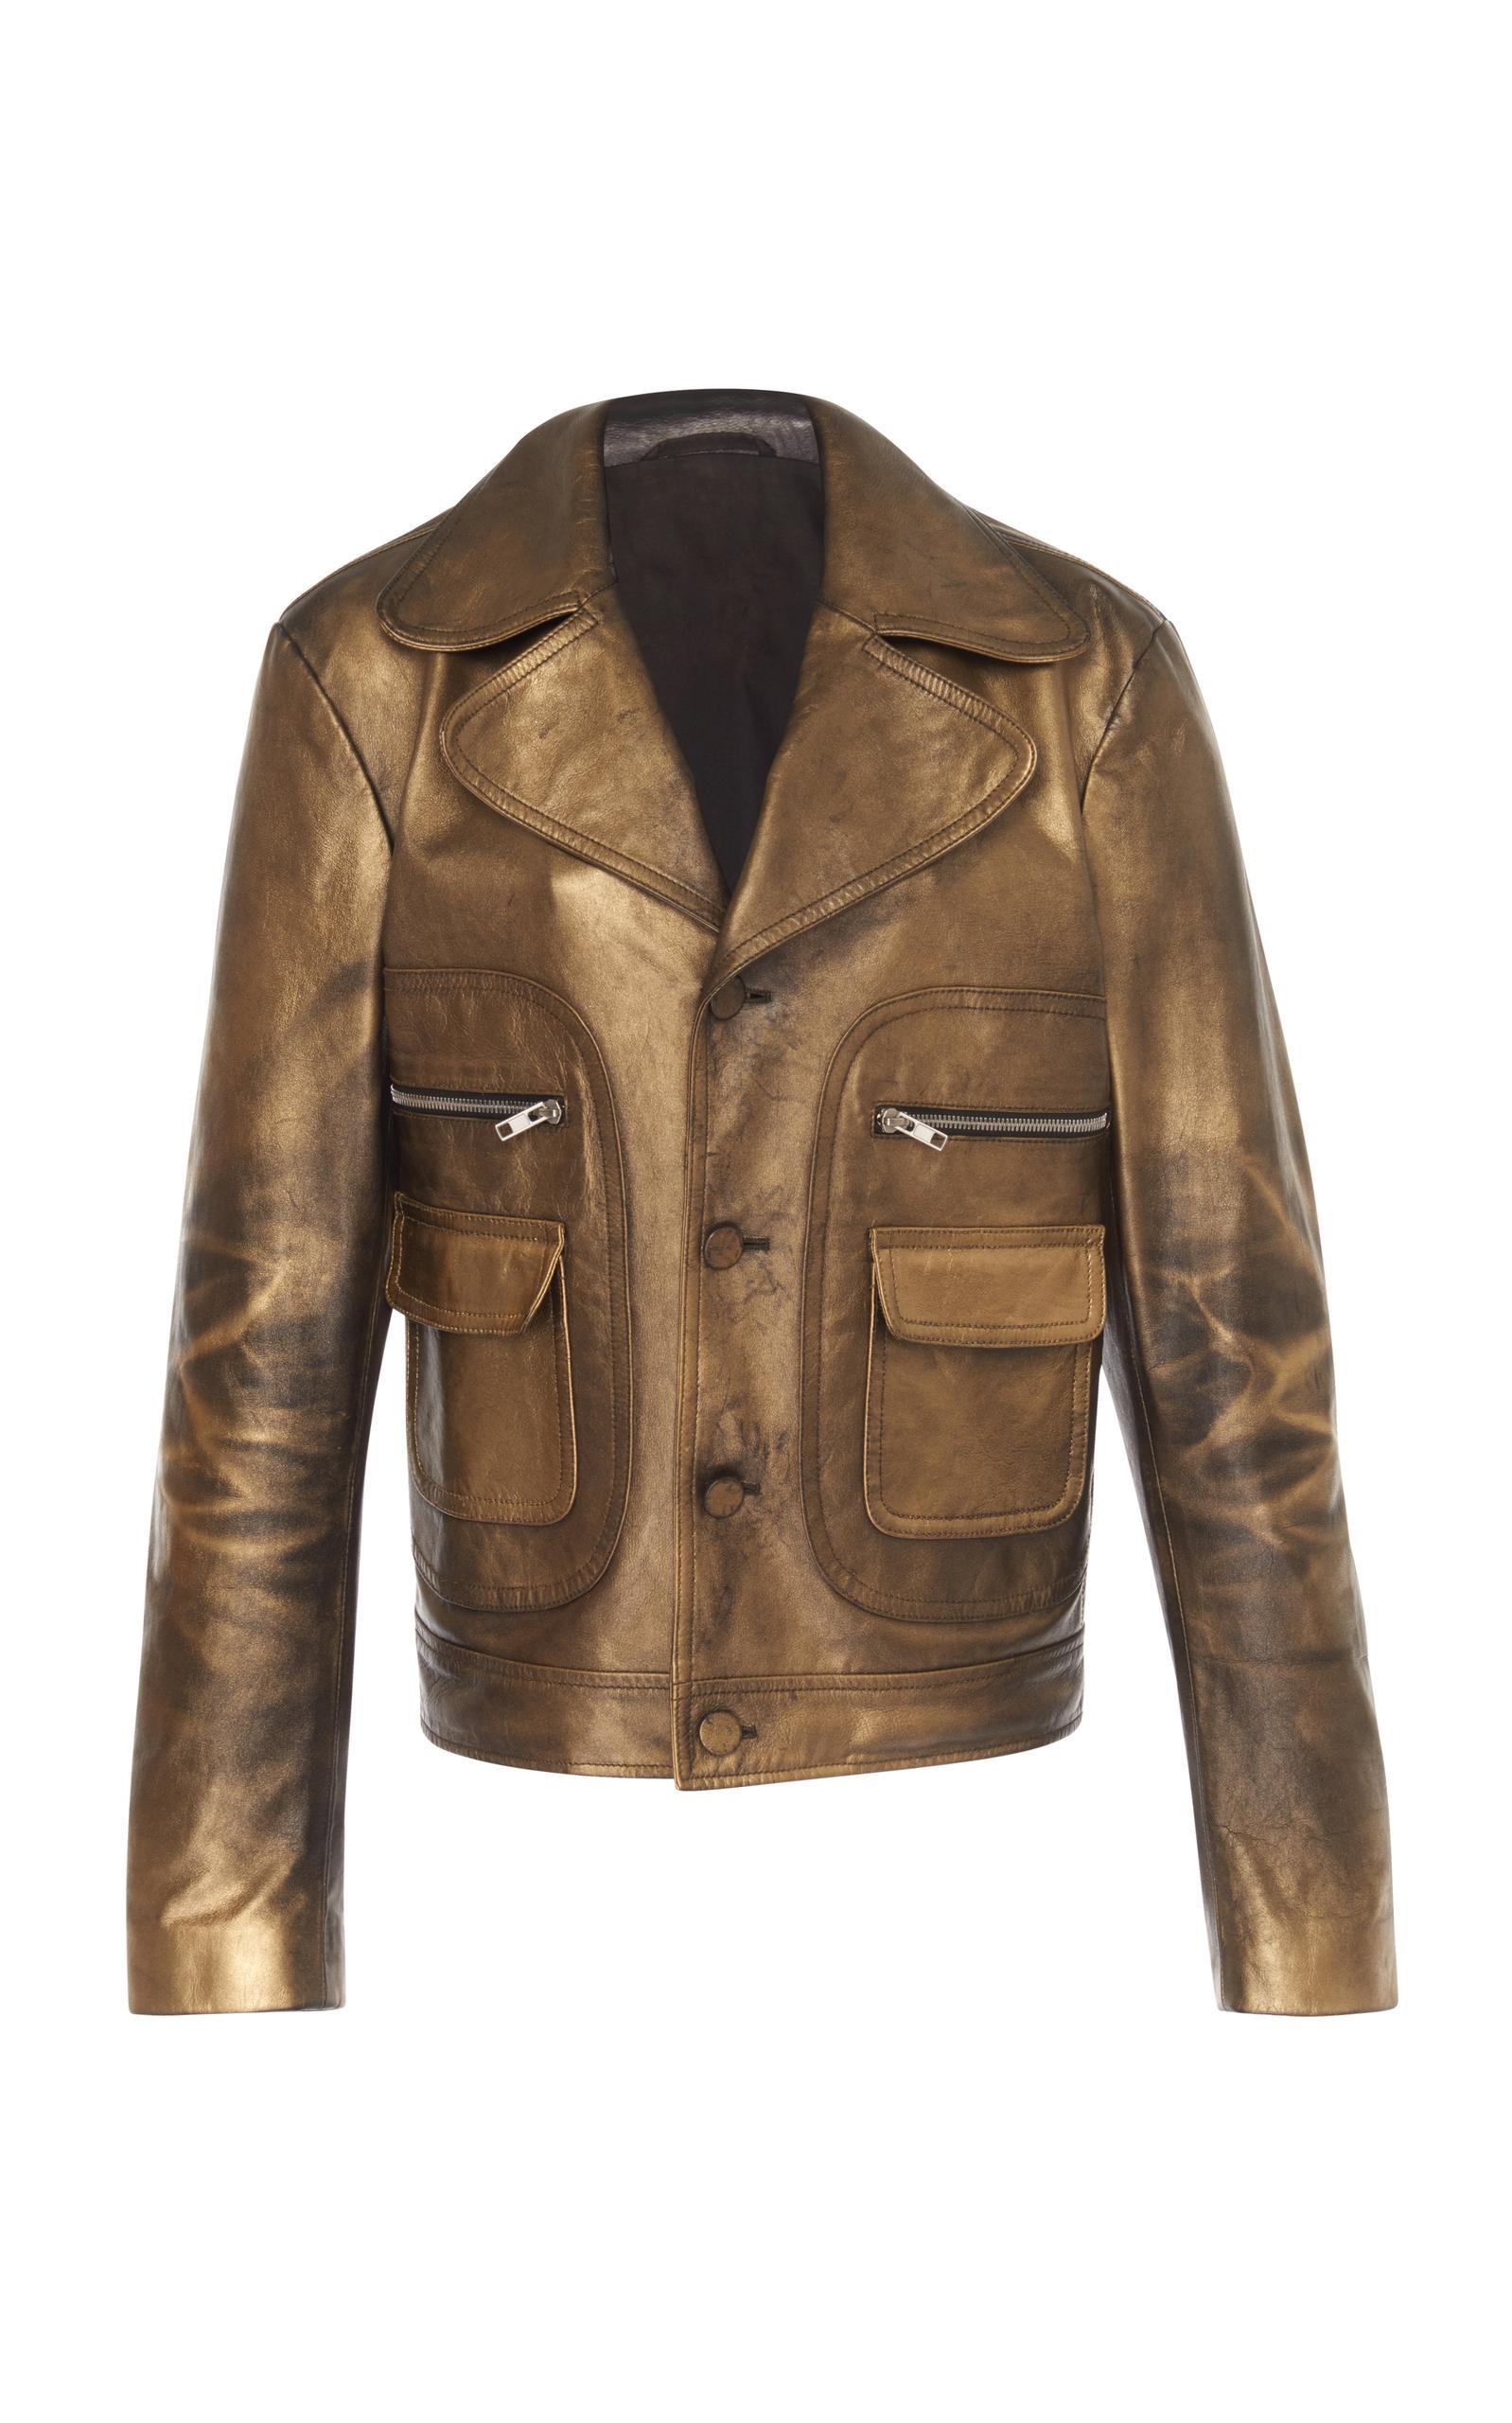 Maison Margiela Gold Coated Leather Jacket